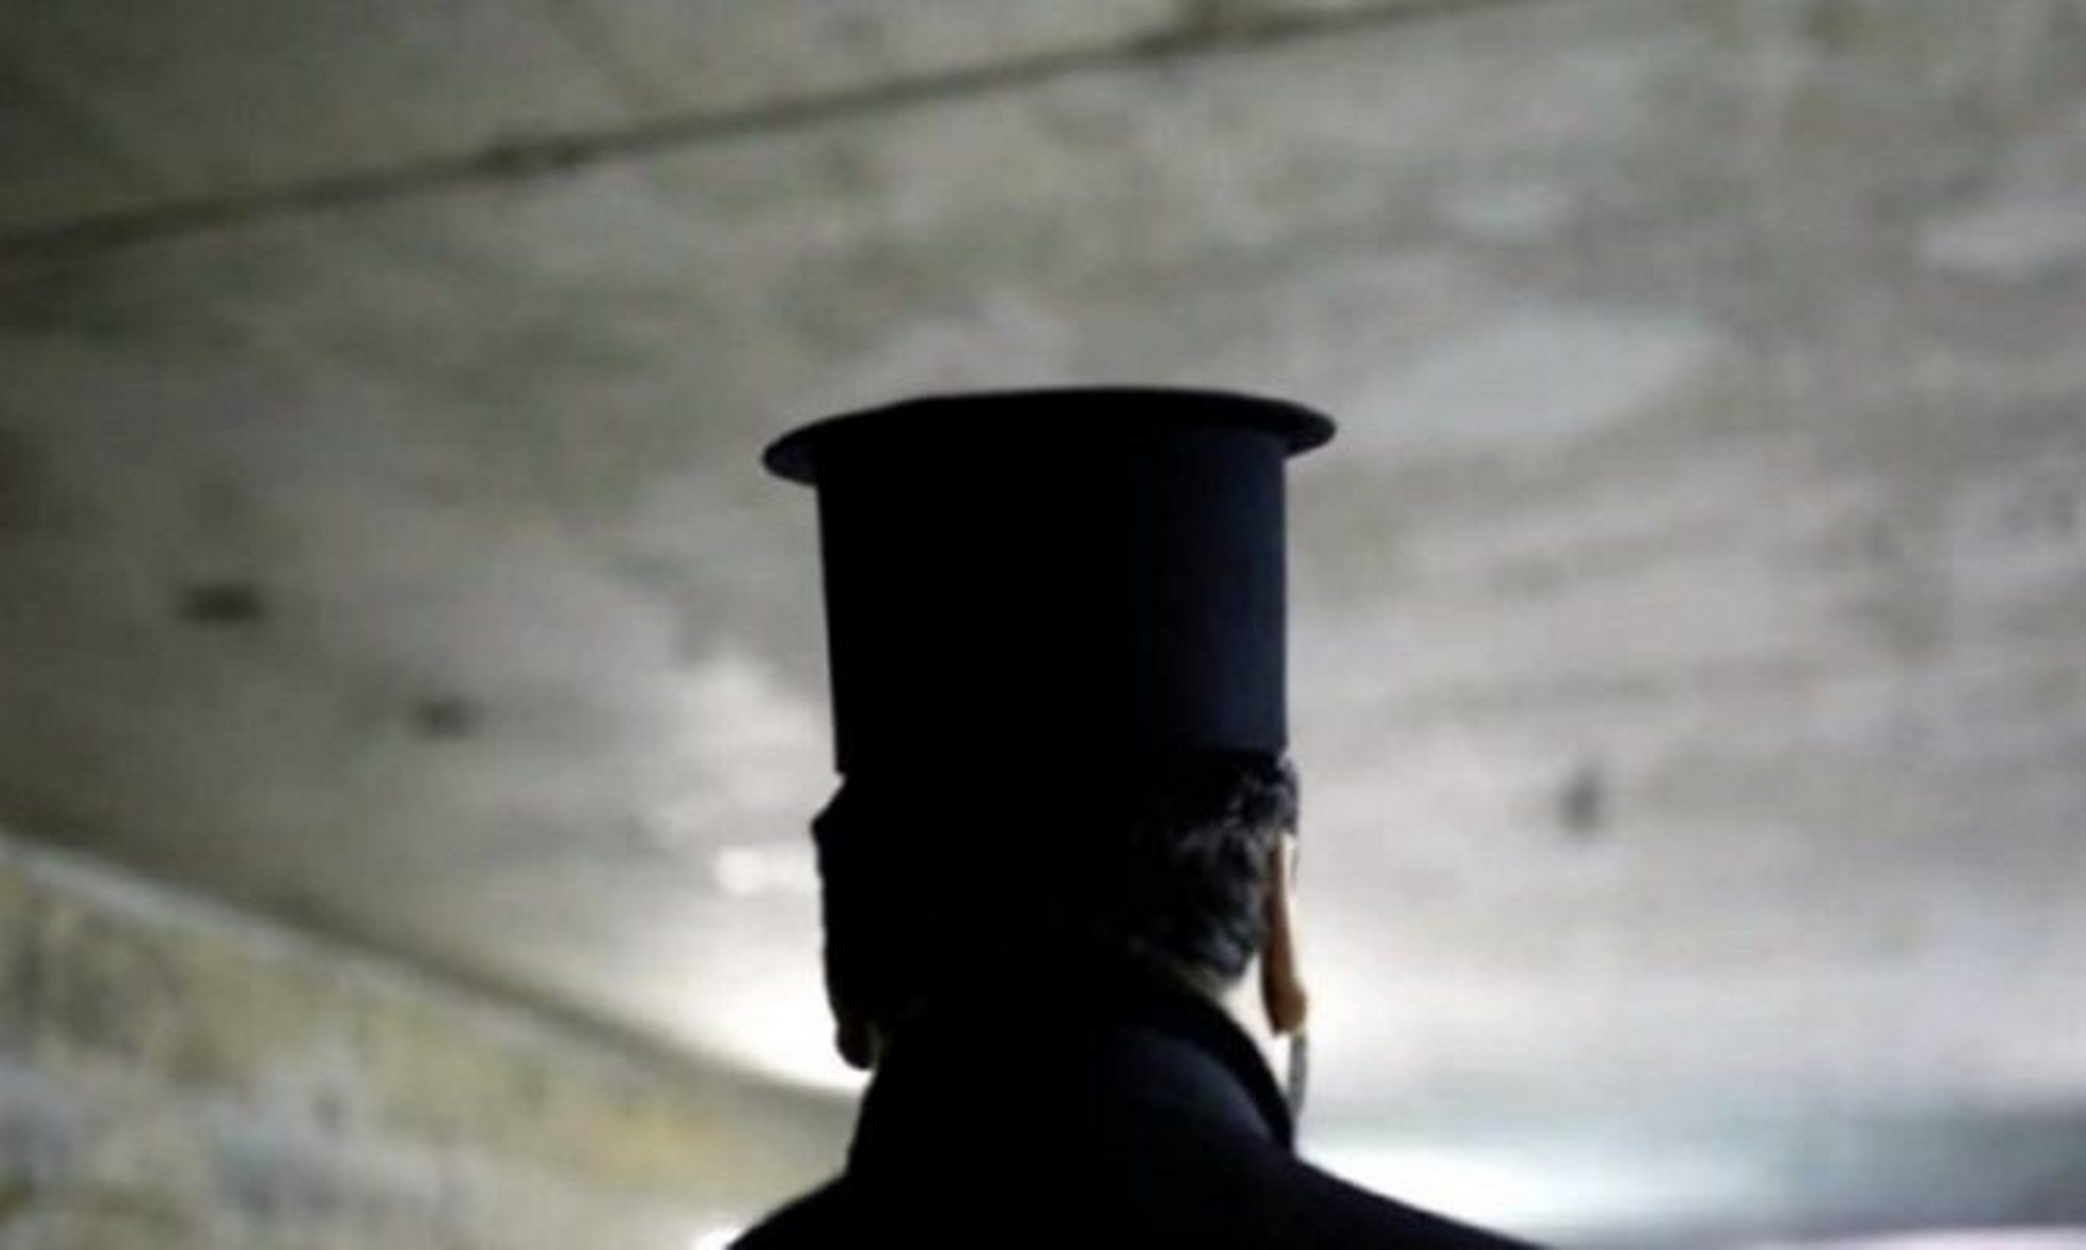 Νοτιοαφρικανική μετάλλαξη κορονοϊού: Γιατί ο ιερέας δεν είχε αντισώματα – «Κλειδί» το πρώτο δείγμα του